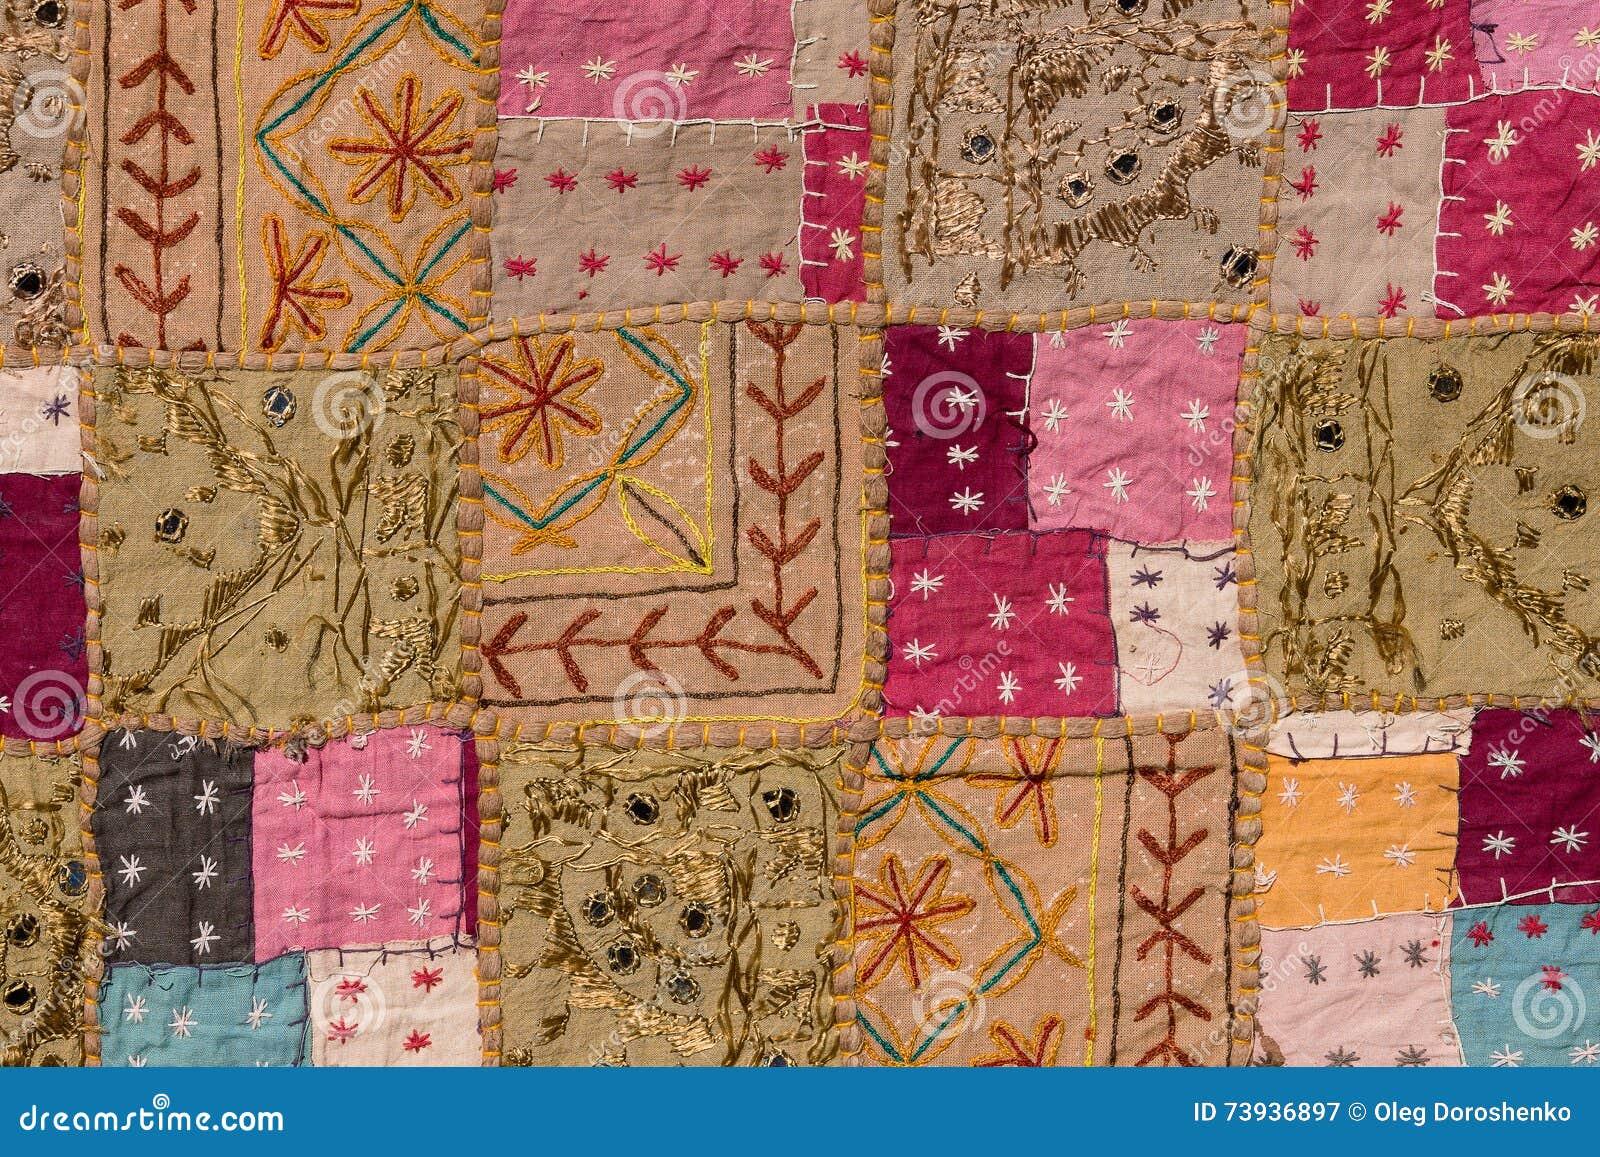 tapis asiatique amazing les procds de fabrication sont trs diffrents entre les tapis machine et. Black Bedroom Furniture Sets. Home Design Ideas